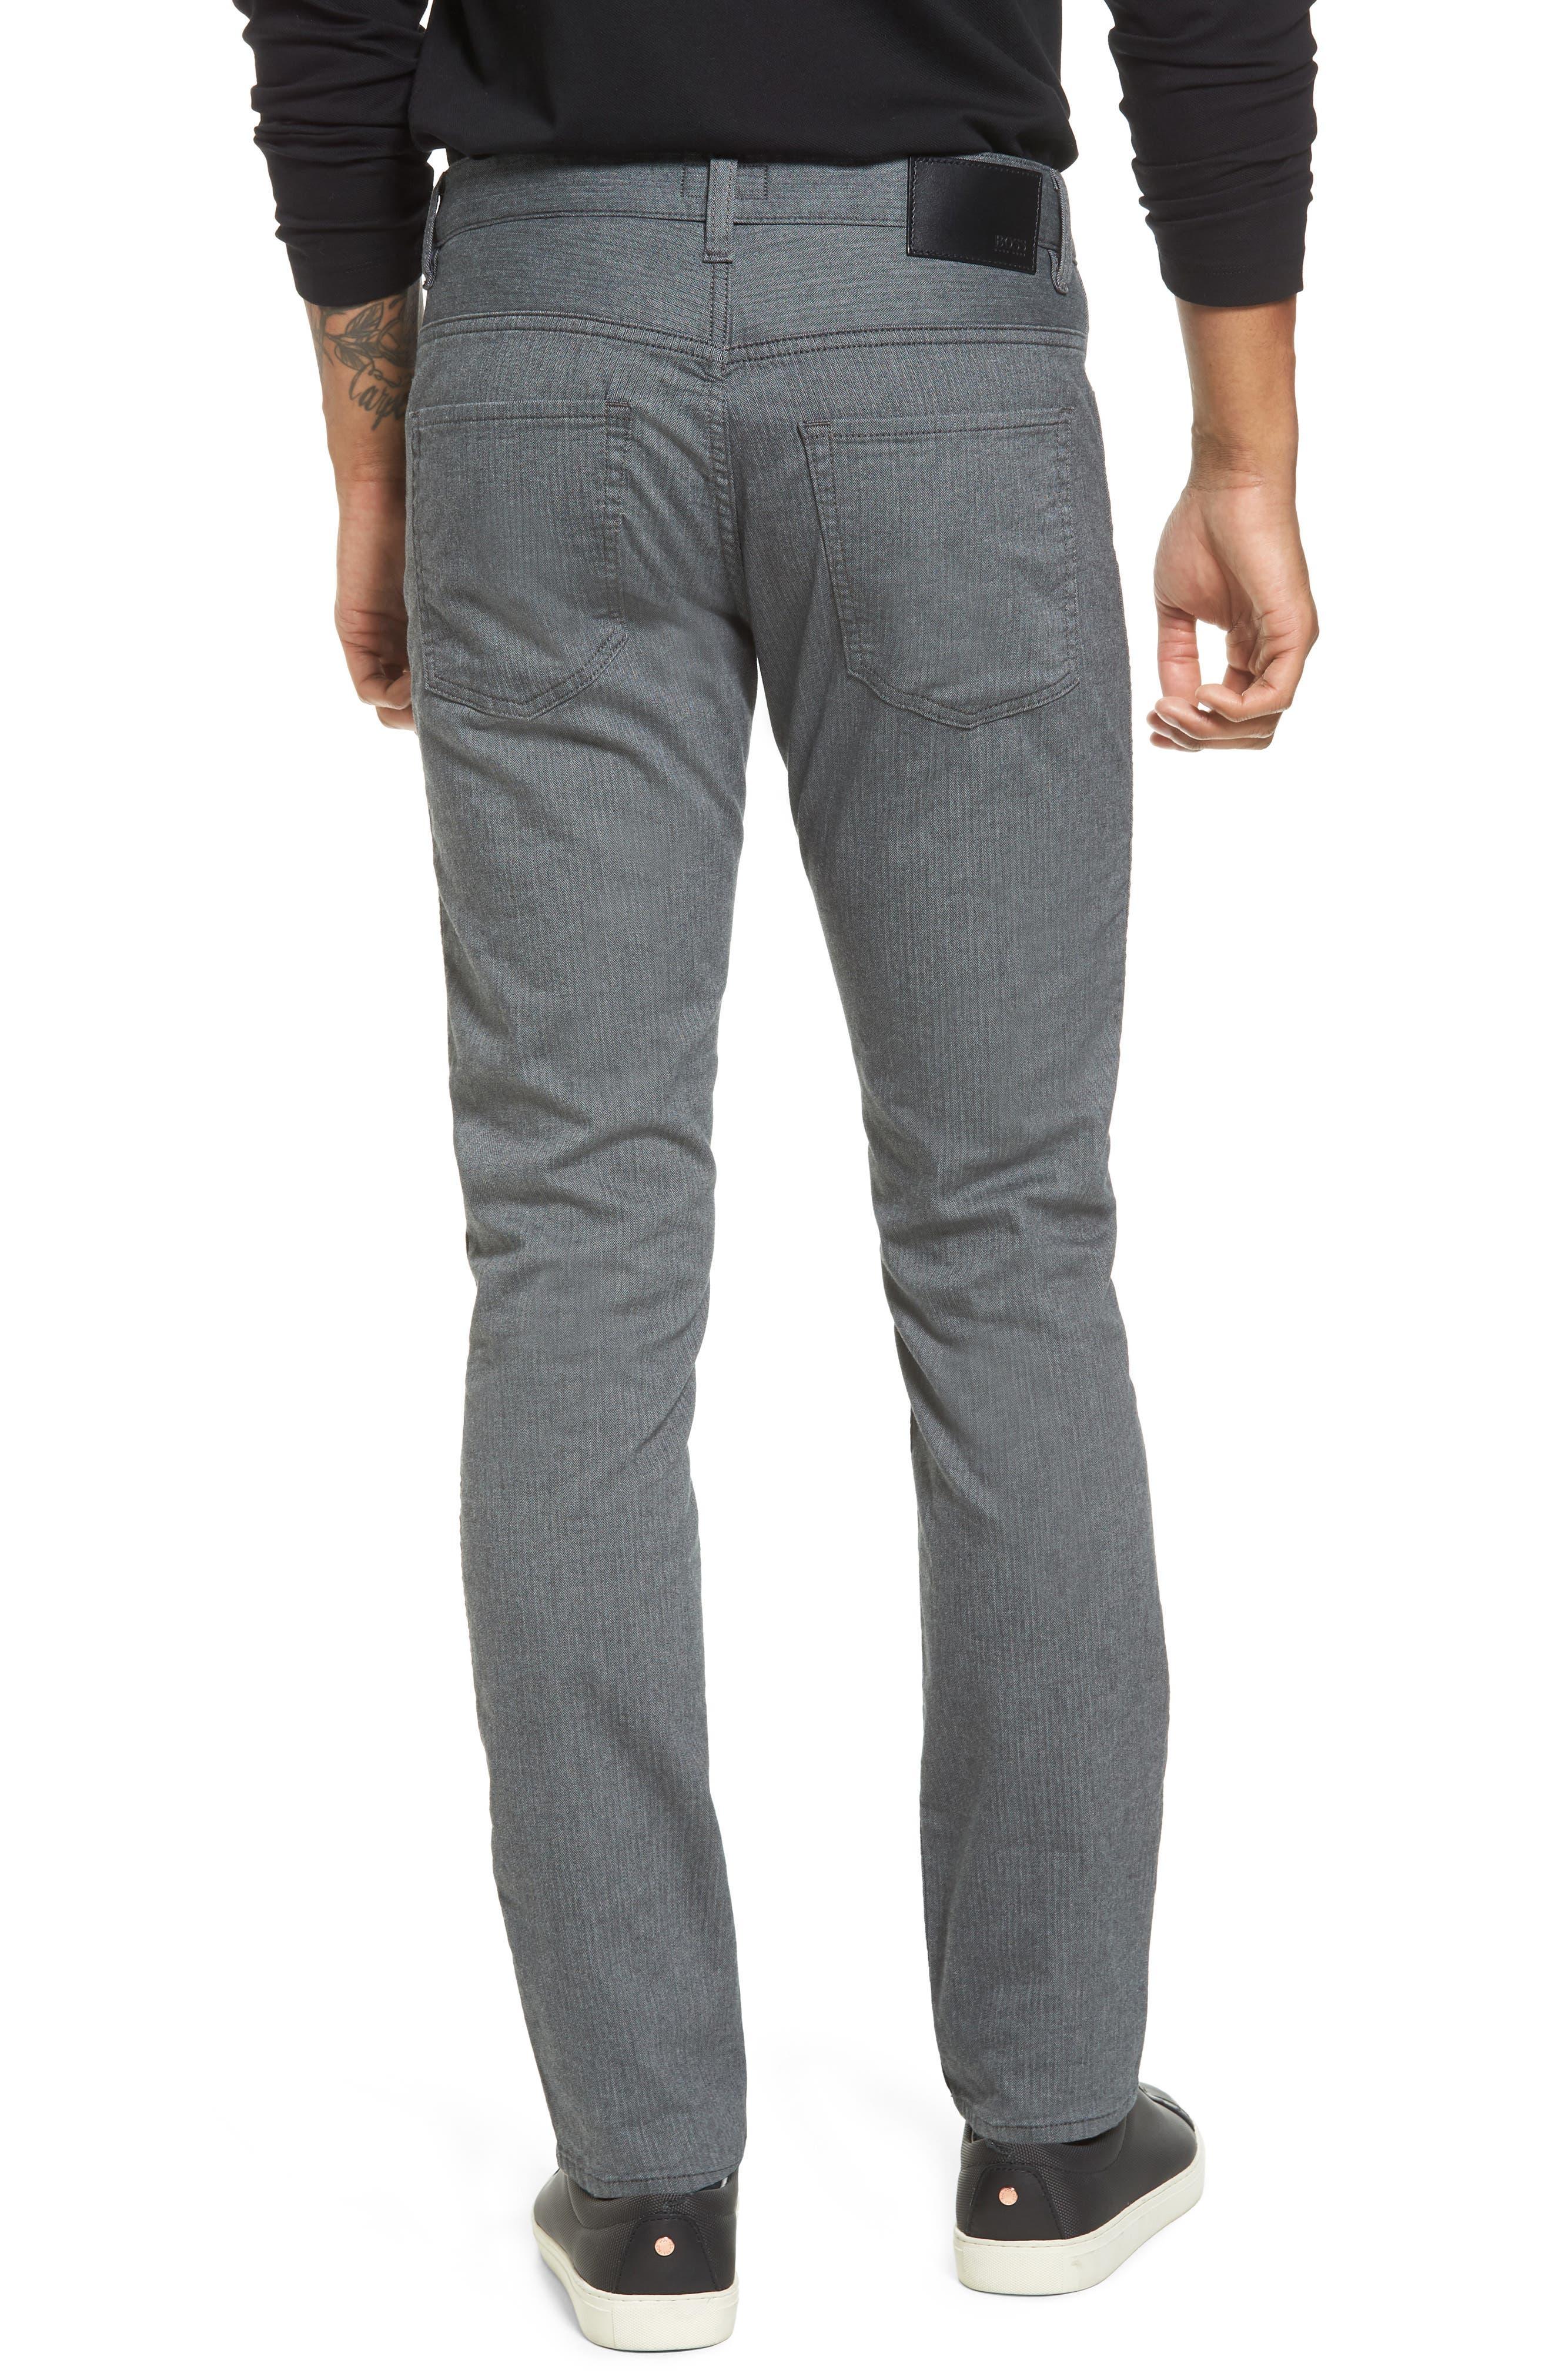 Delaware Slim Herringbone Five-Pocket Pants,                             Alternate thumbnail 2, color,                             Charcoal